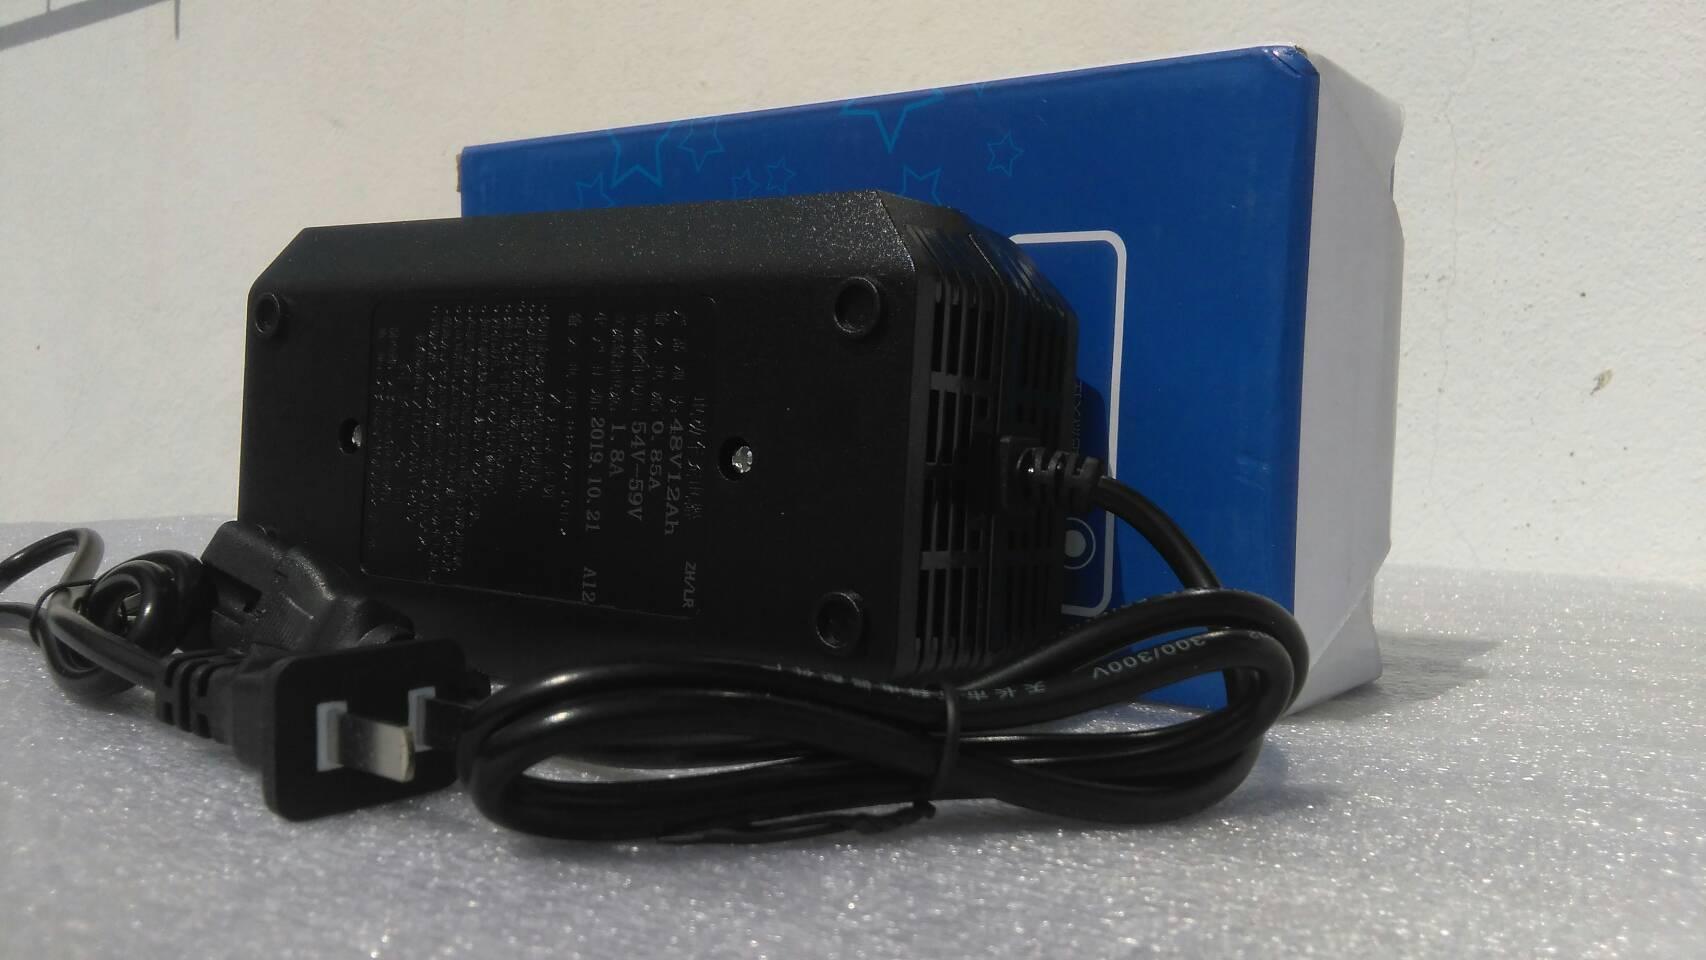 Adapter ที่ชาร์จ สกู๊ตเตอร์ไฟฟ้า 48V12Ah